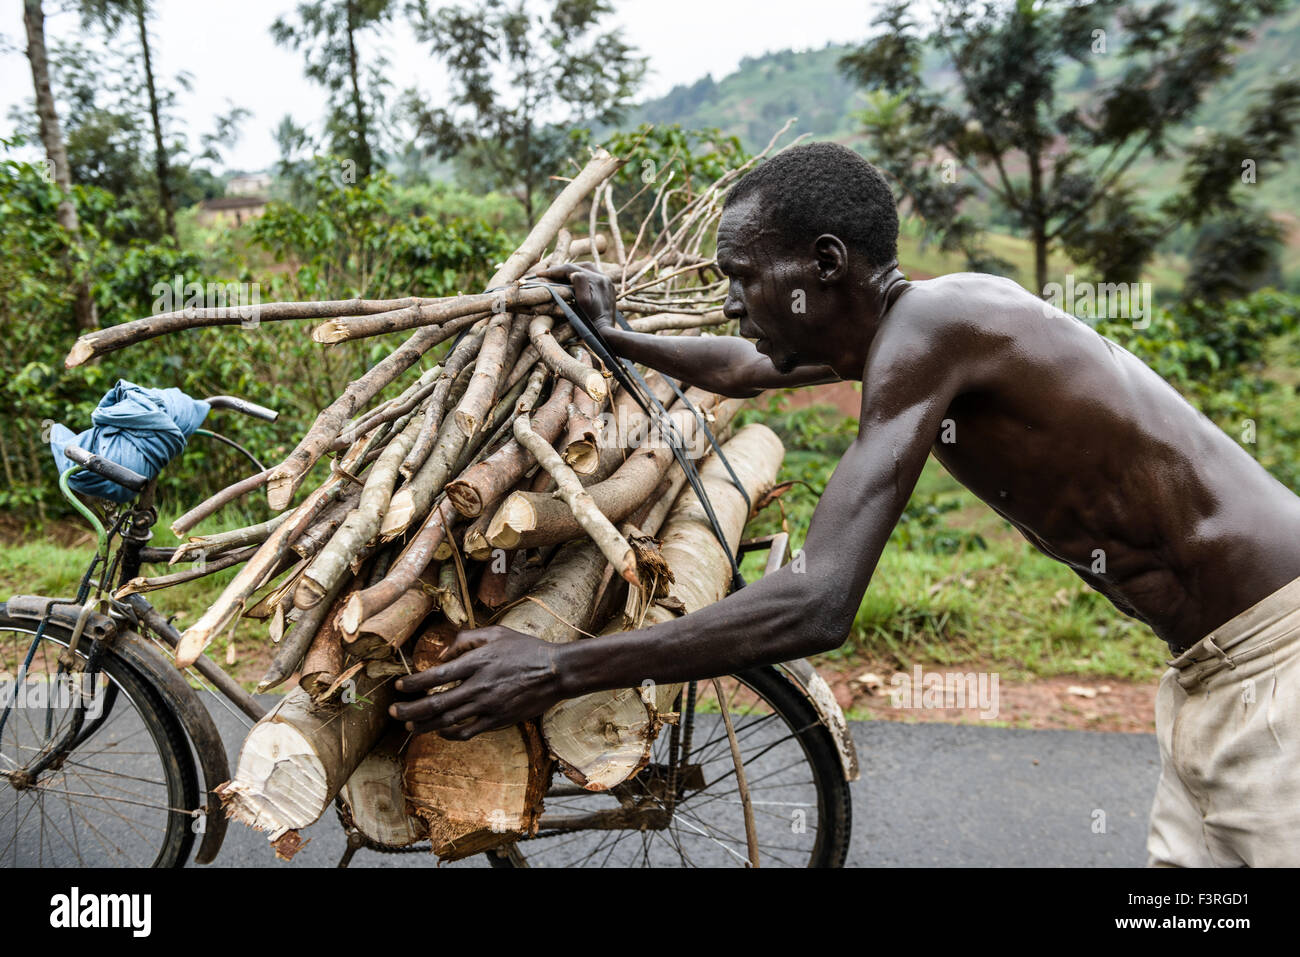 Man pushing bicycle with firewood, Burundi, Africa - Stock Image